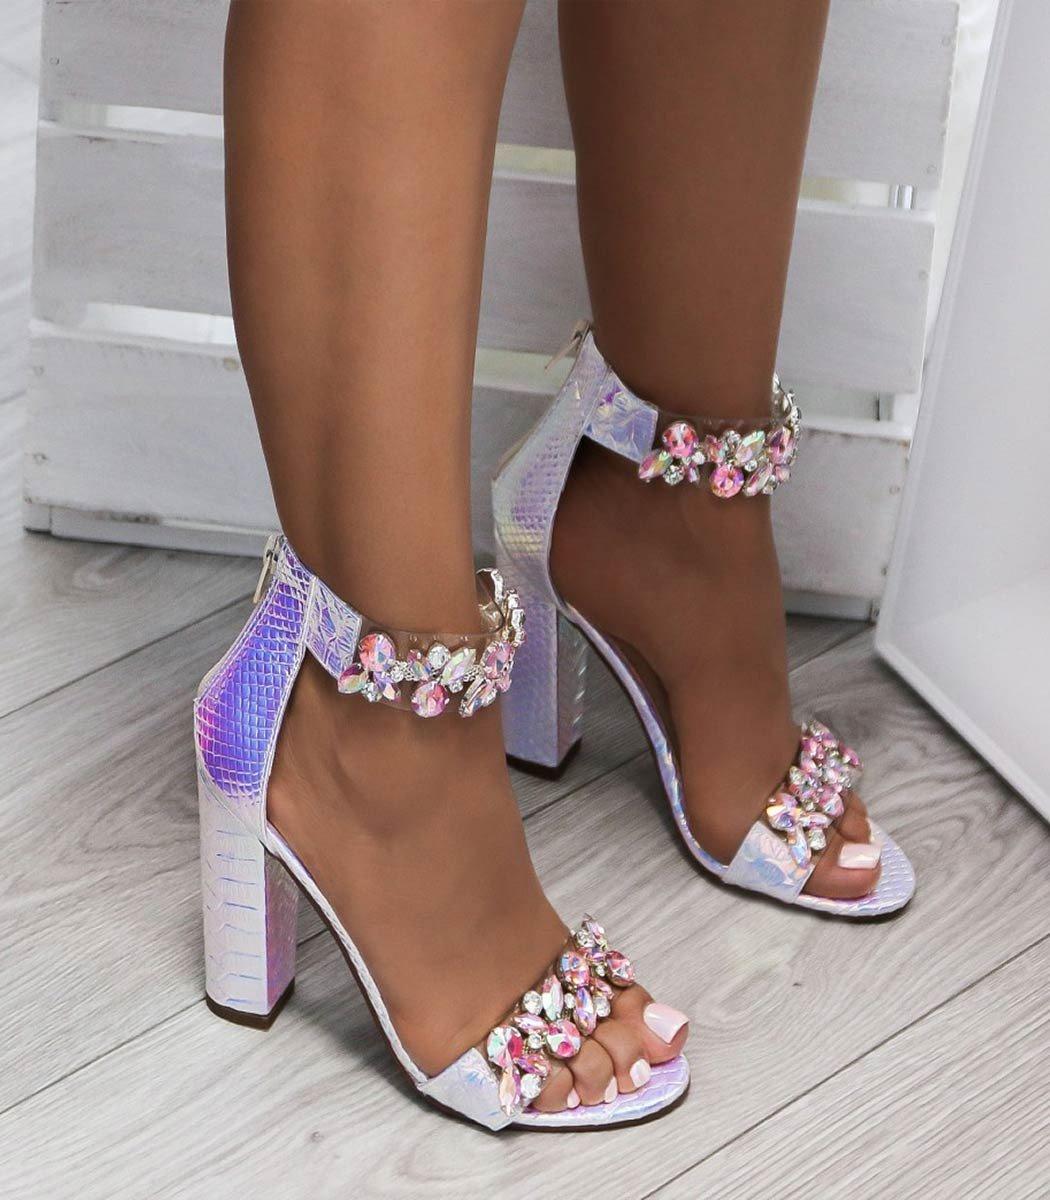 6f6535aab29c Luxusné sandálky s kryštálikmi Sally - Divalli.sk